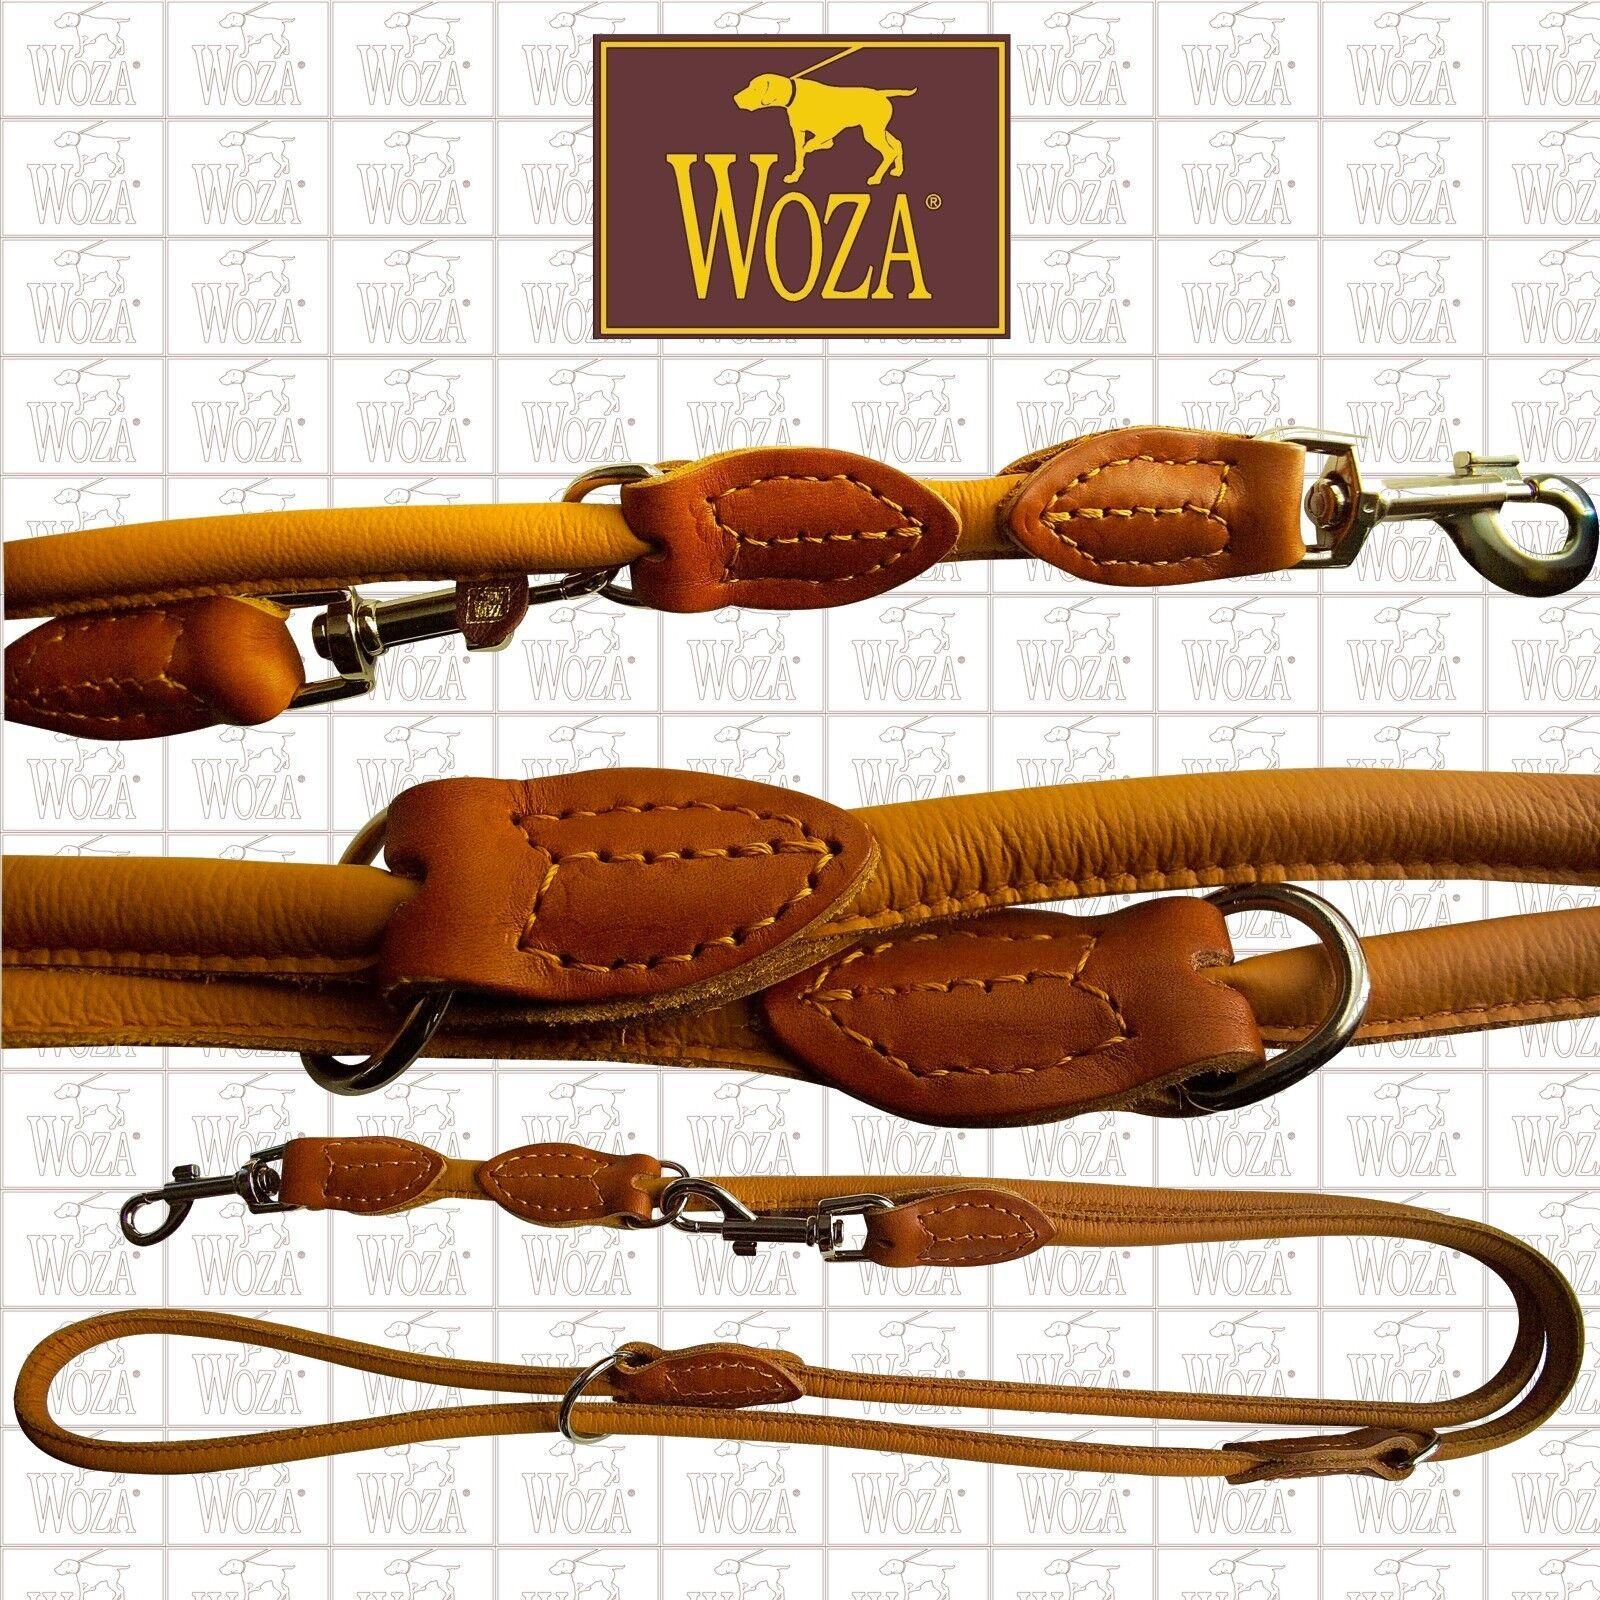 WOZA Rundgenähte Hundeleine Lederleine Vollleder Rindnappa Handnaht Lead UC1955  | Einfach zu spielen, freies Leben